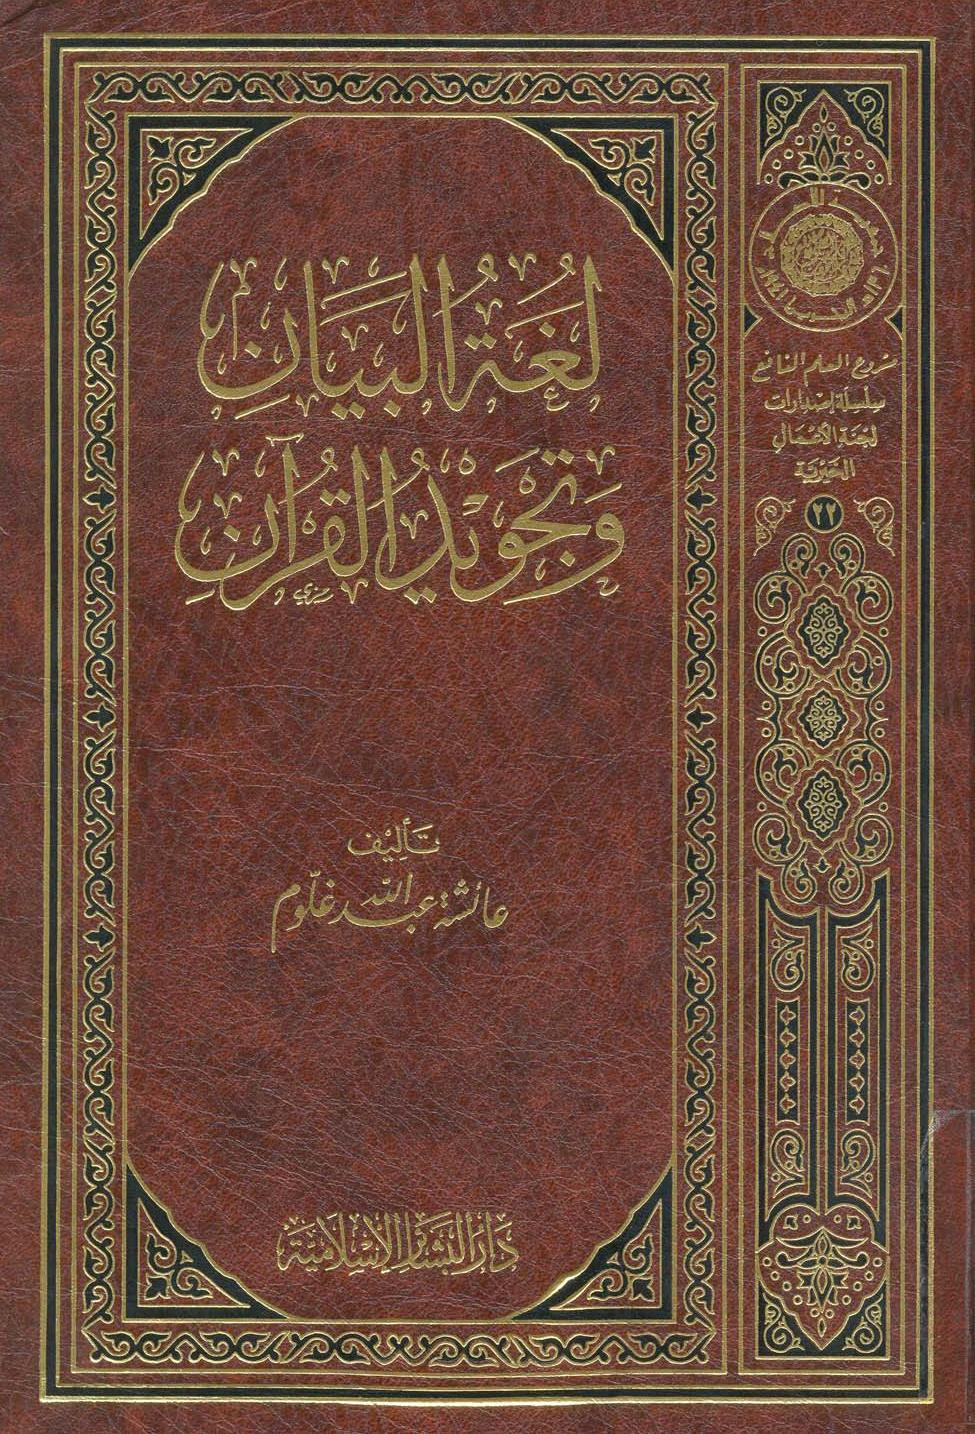 تحميل كتاب لغة البيان وتجويد القرآن للمؤلف: عائشة عبد الله غلوم حسين